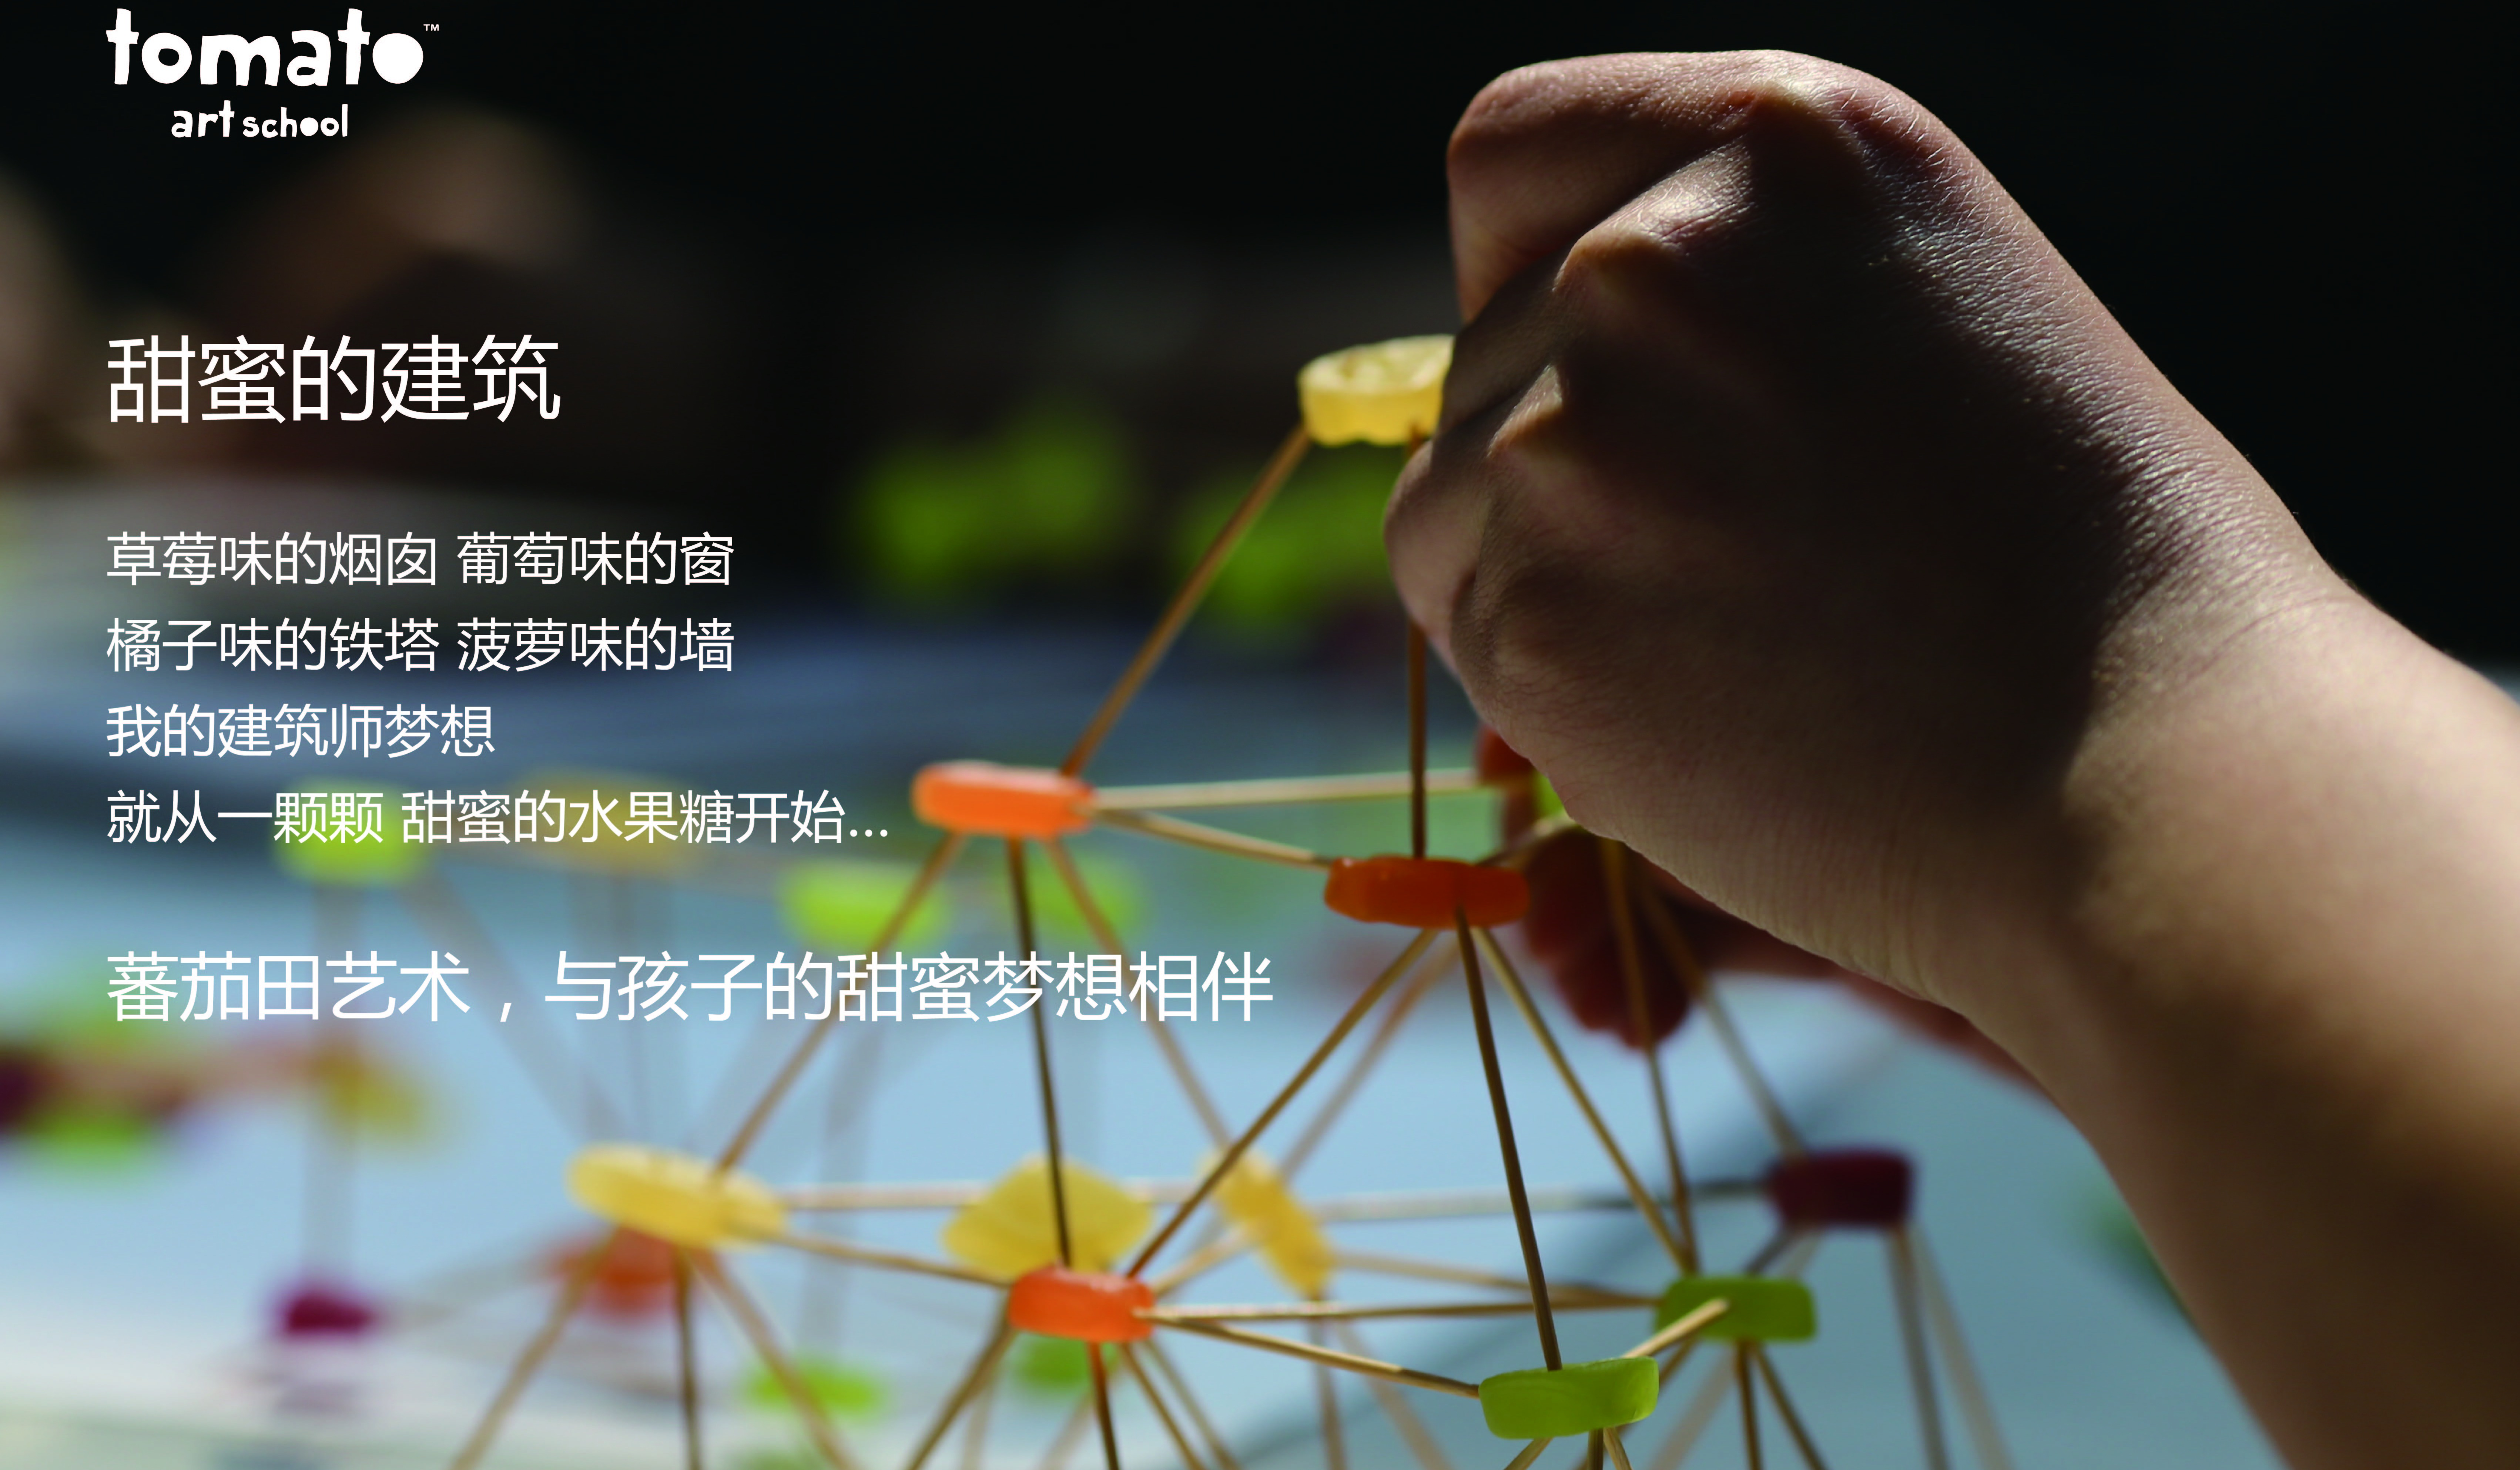 """国庆节蕃茄田艺术东乡中心""""甜蜜的建筑""""--带孩子们创作能吃的建筑!!!"""